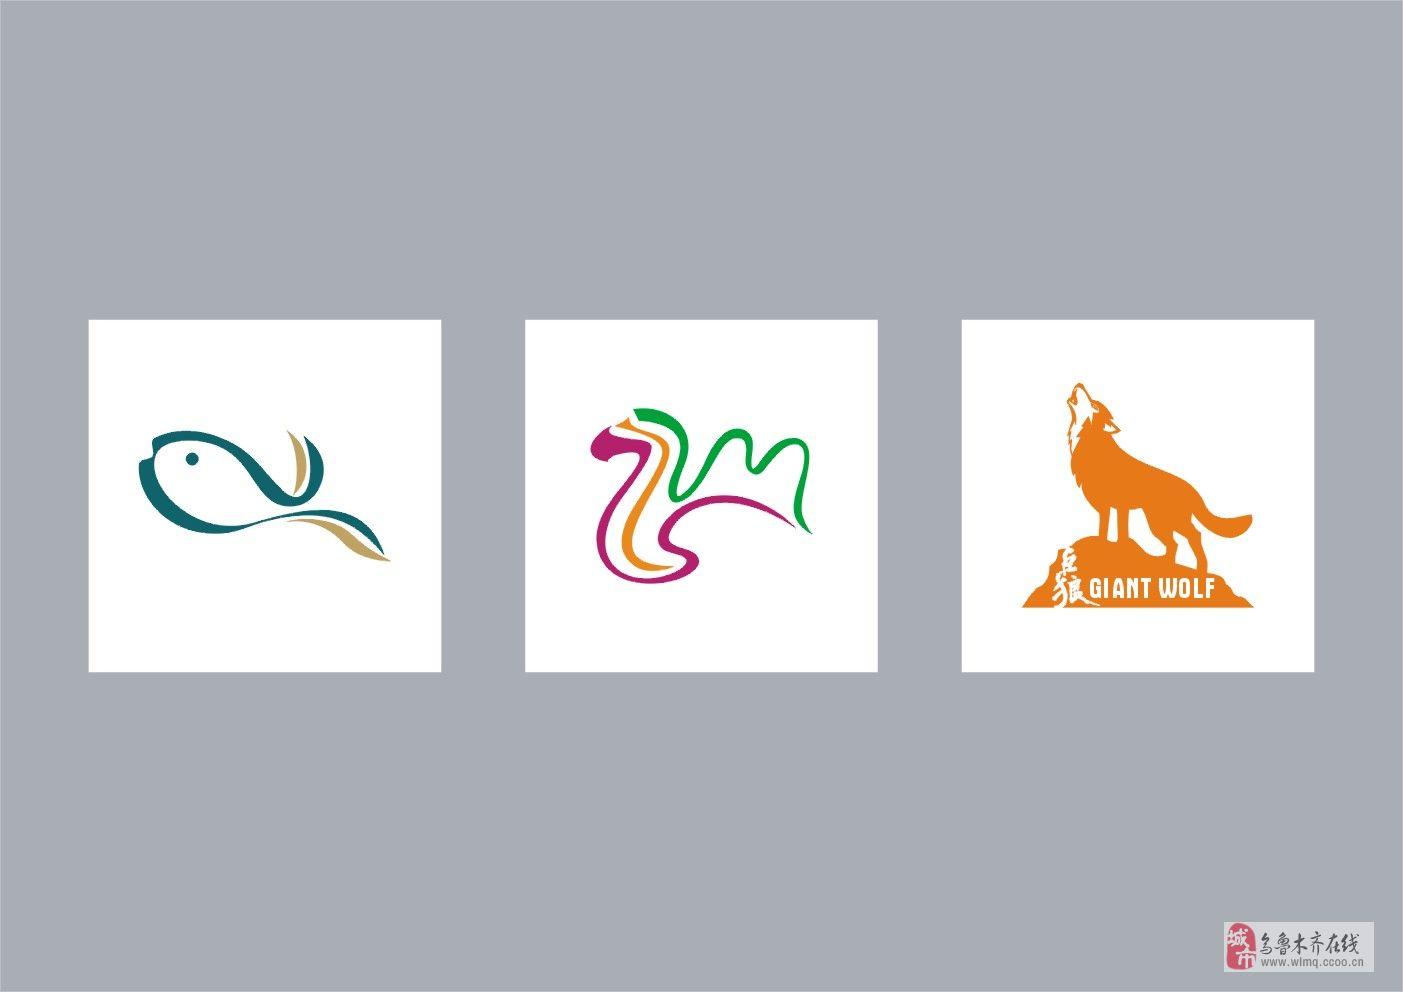 乌鲁木齐标志设计,商标设计,vis设计,logo设